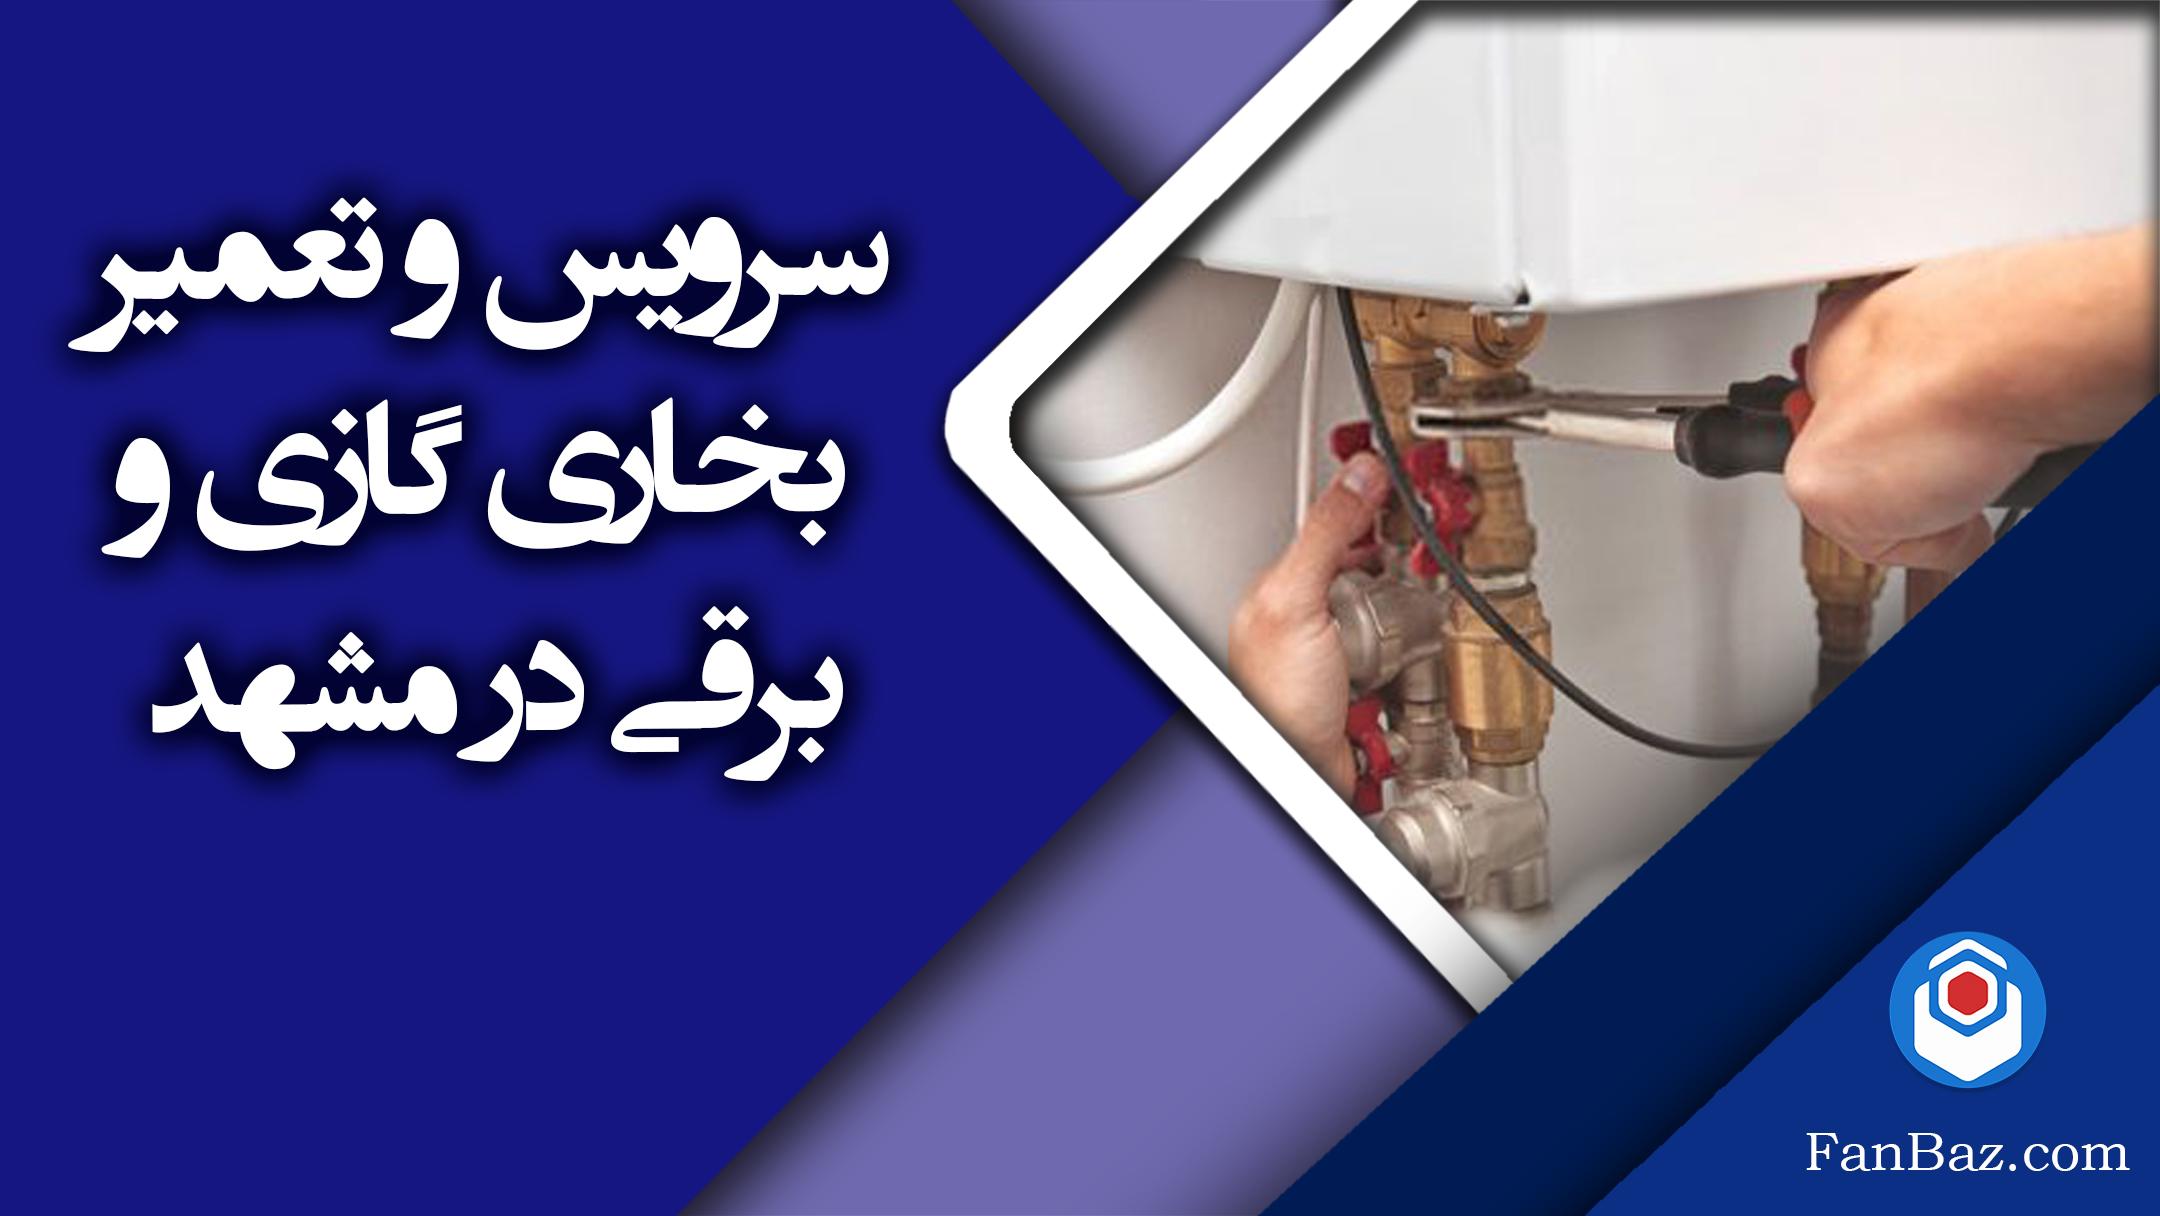 سرویس و تعمیر بخاری گازی در مشهد